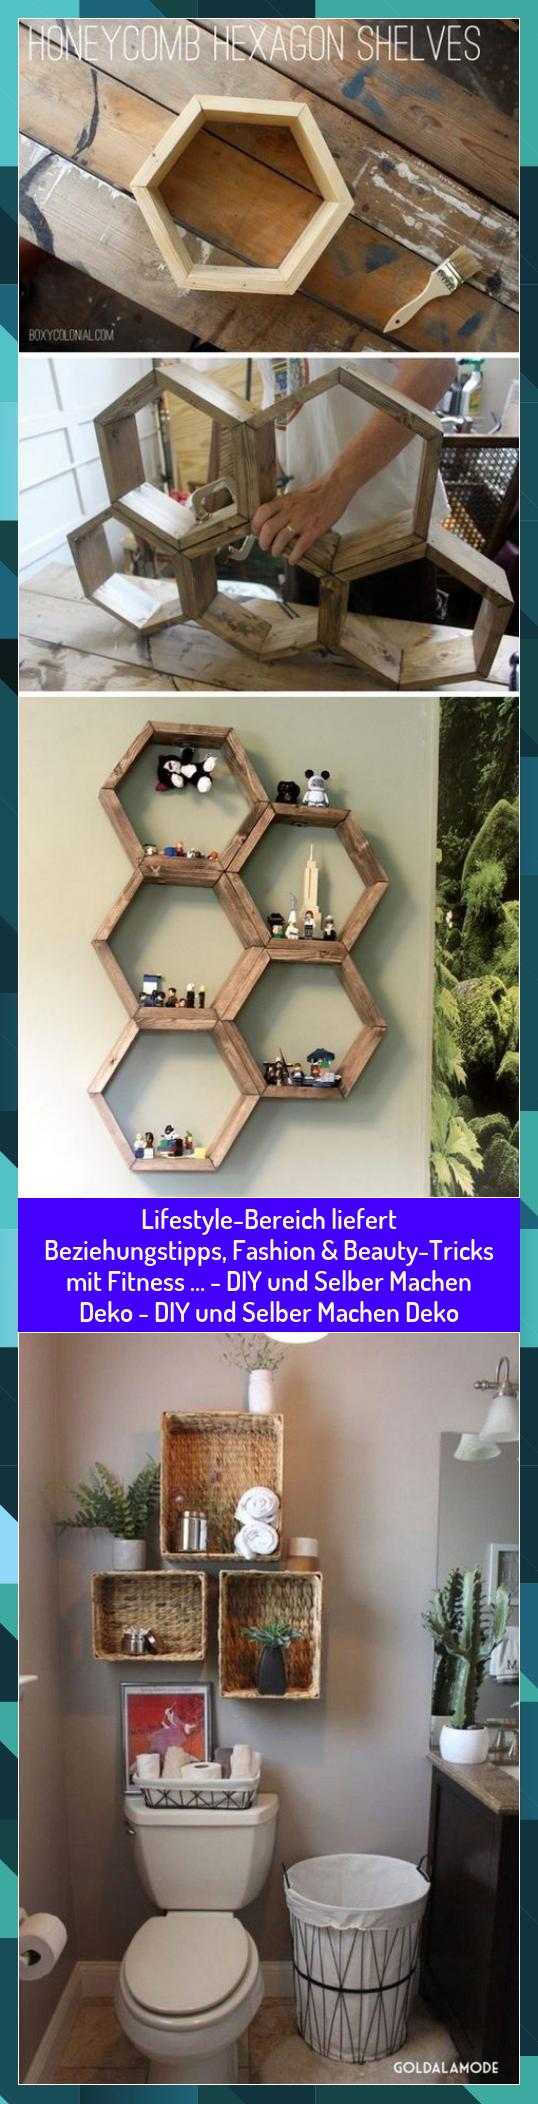 Lifestyle-Bereich liefert Beziehungstipps, Fashion & Beauty-Tricks mit Fitness … - DIY und Selber Ma...